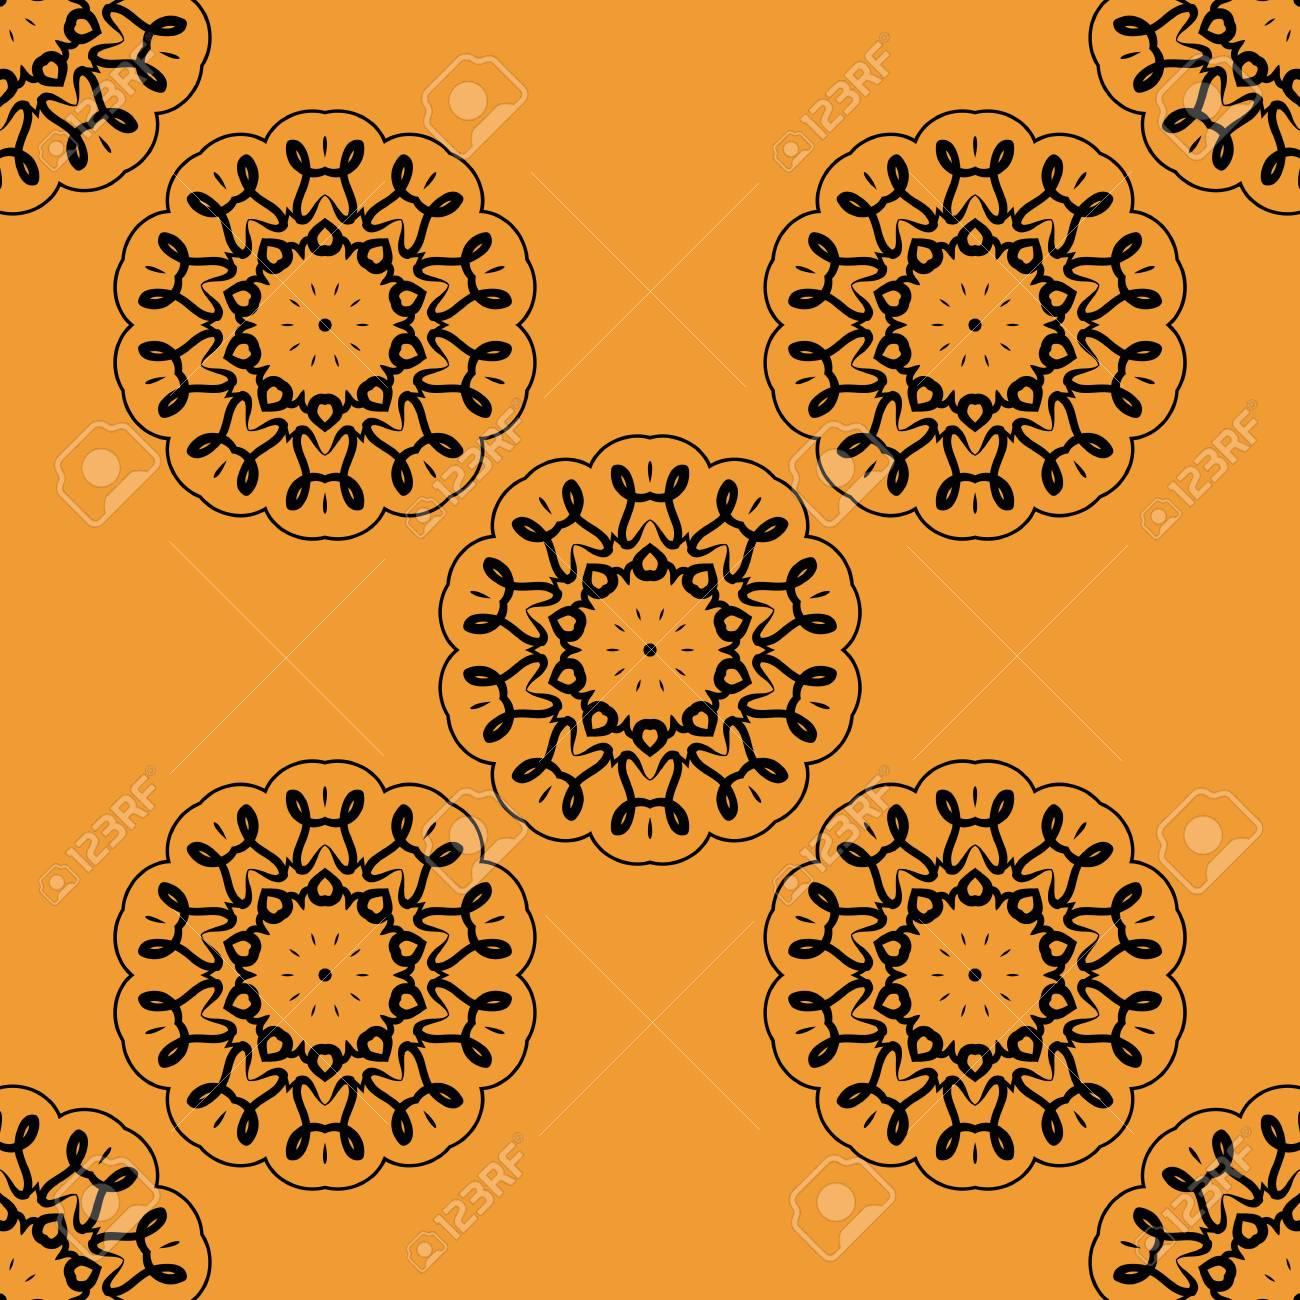 Papier A Peindre Motif stylisées orientales fleurs de peinture de henné papier peint sans soudure.  retro ornement mandala conception basée sur des cartes de voeux, brochure,